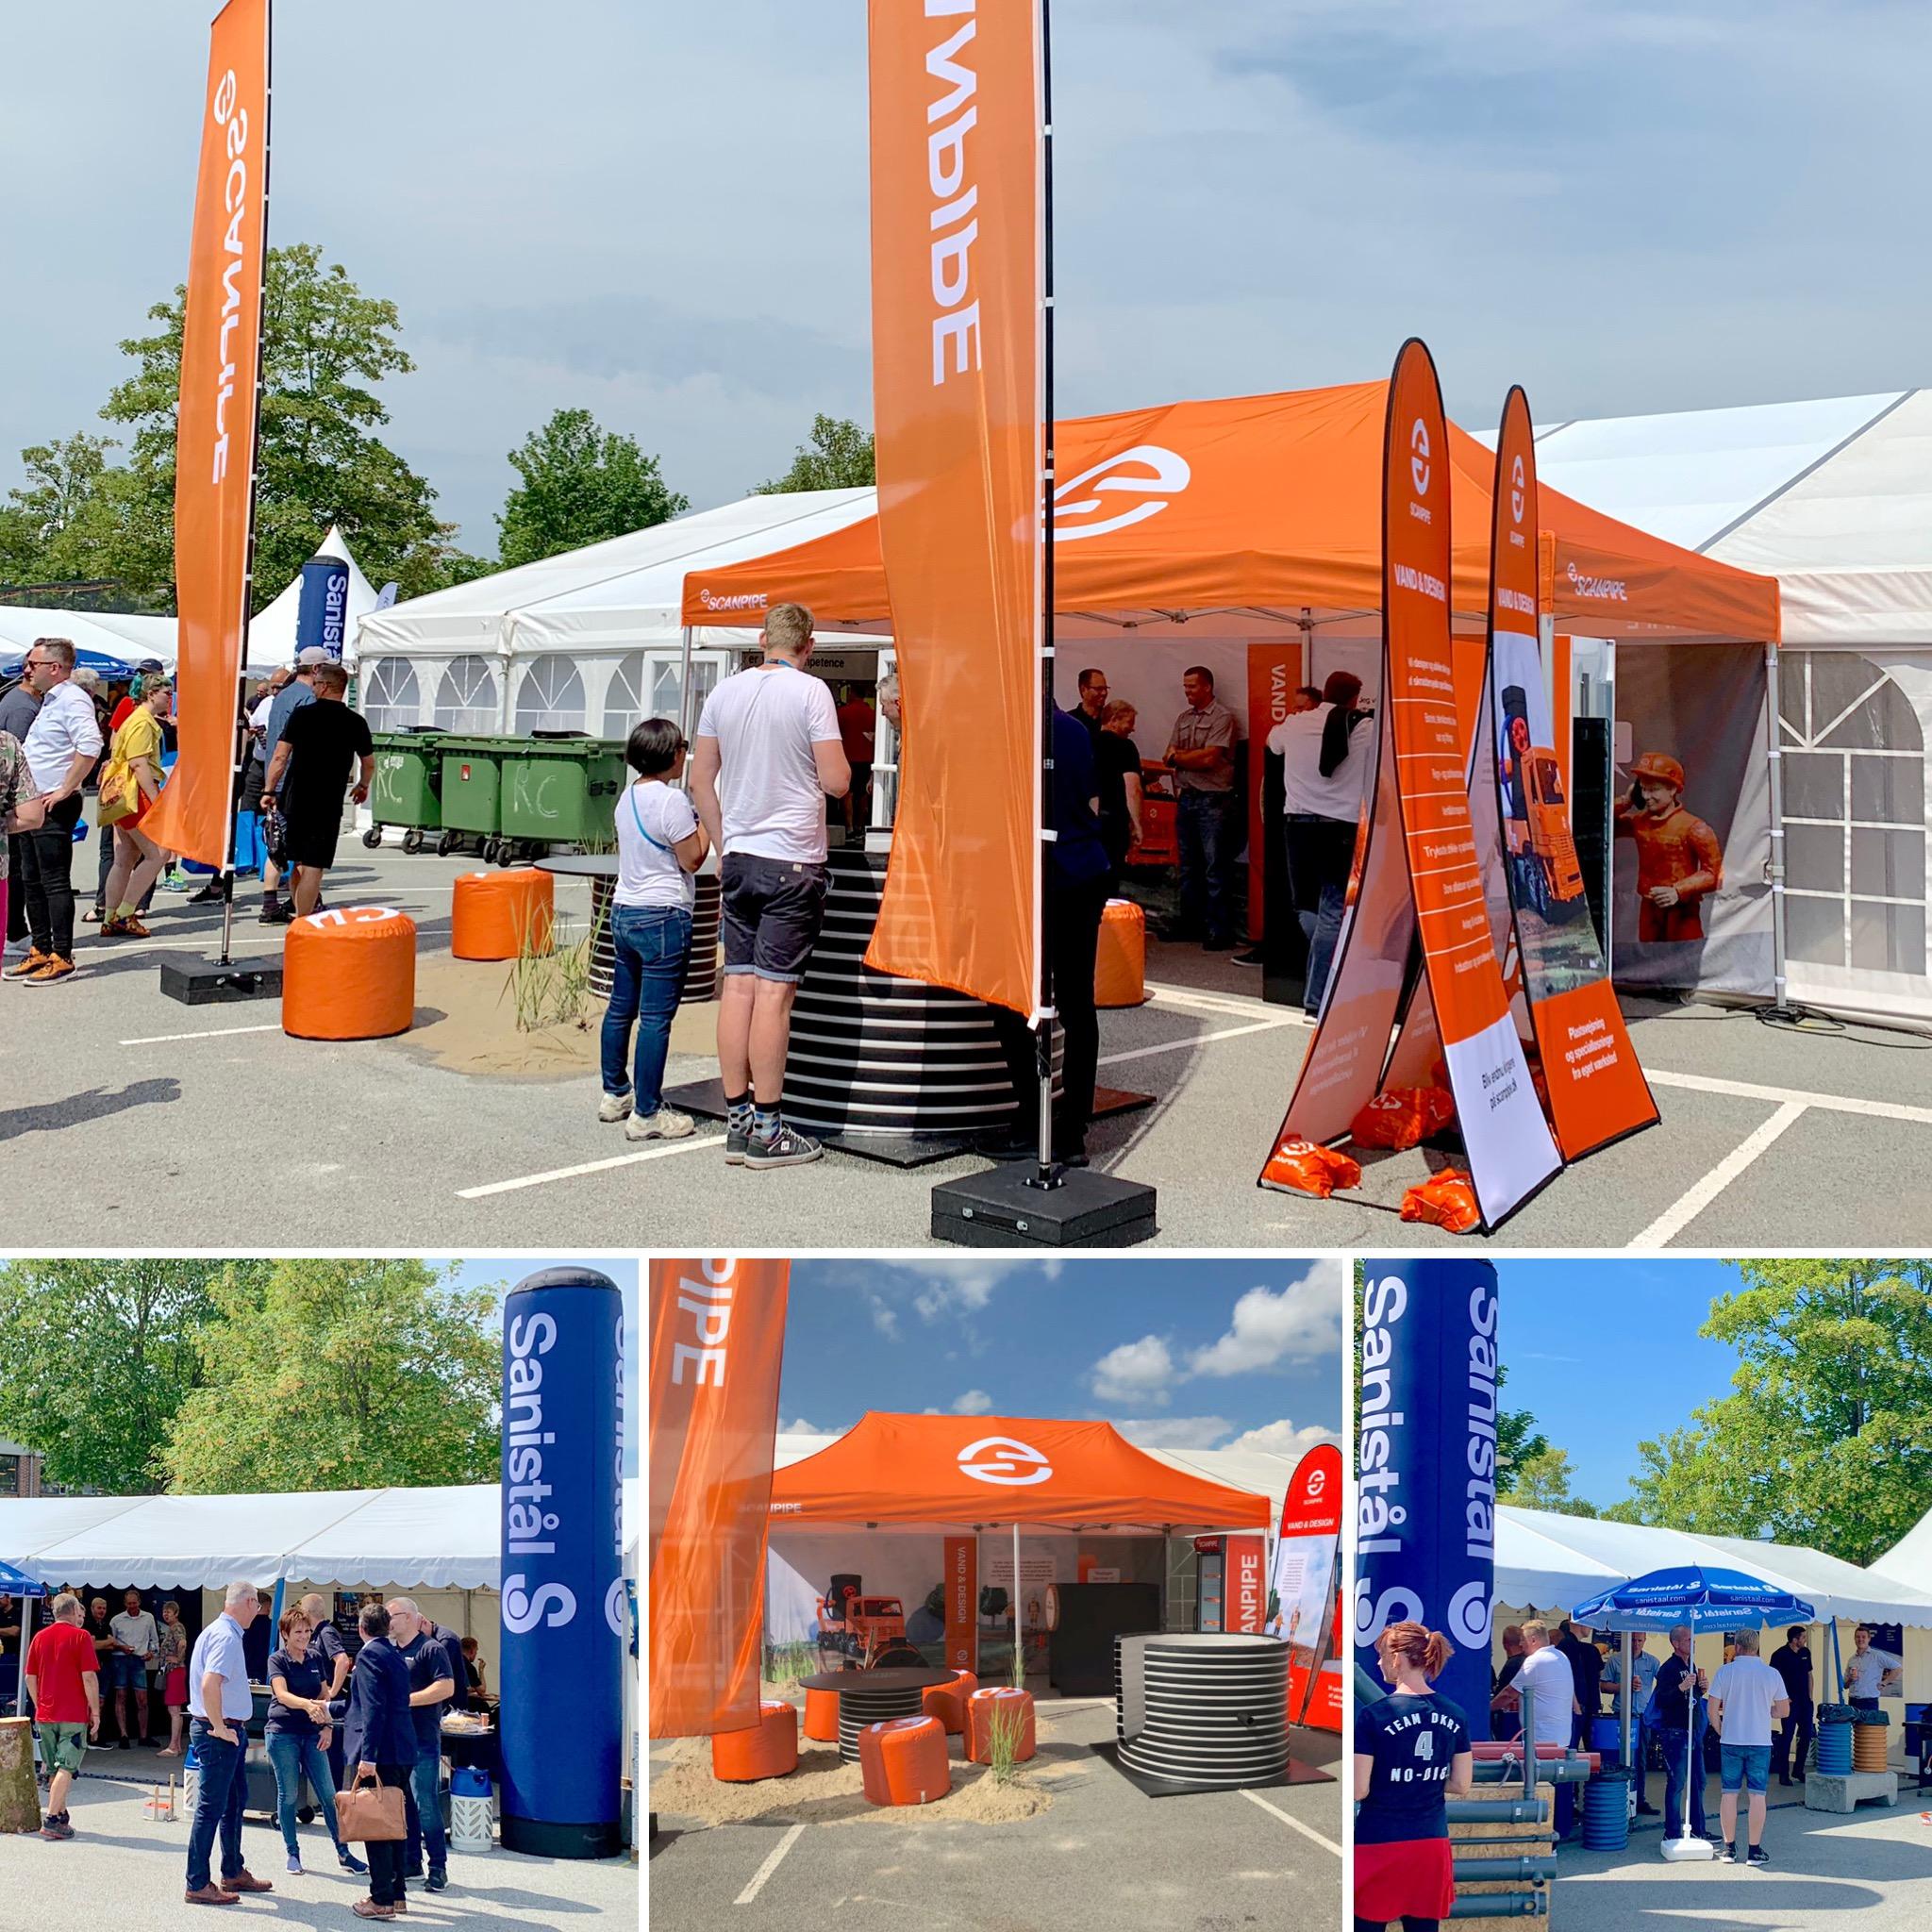 Pop up telt med logo_søjle med logo_eventmøbler med logo_Ziwes Eye-Catching